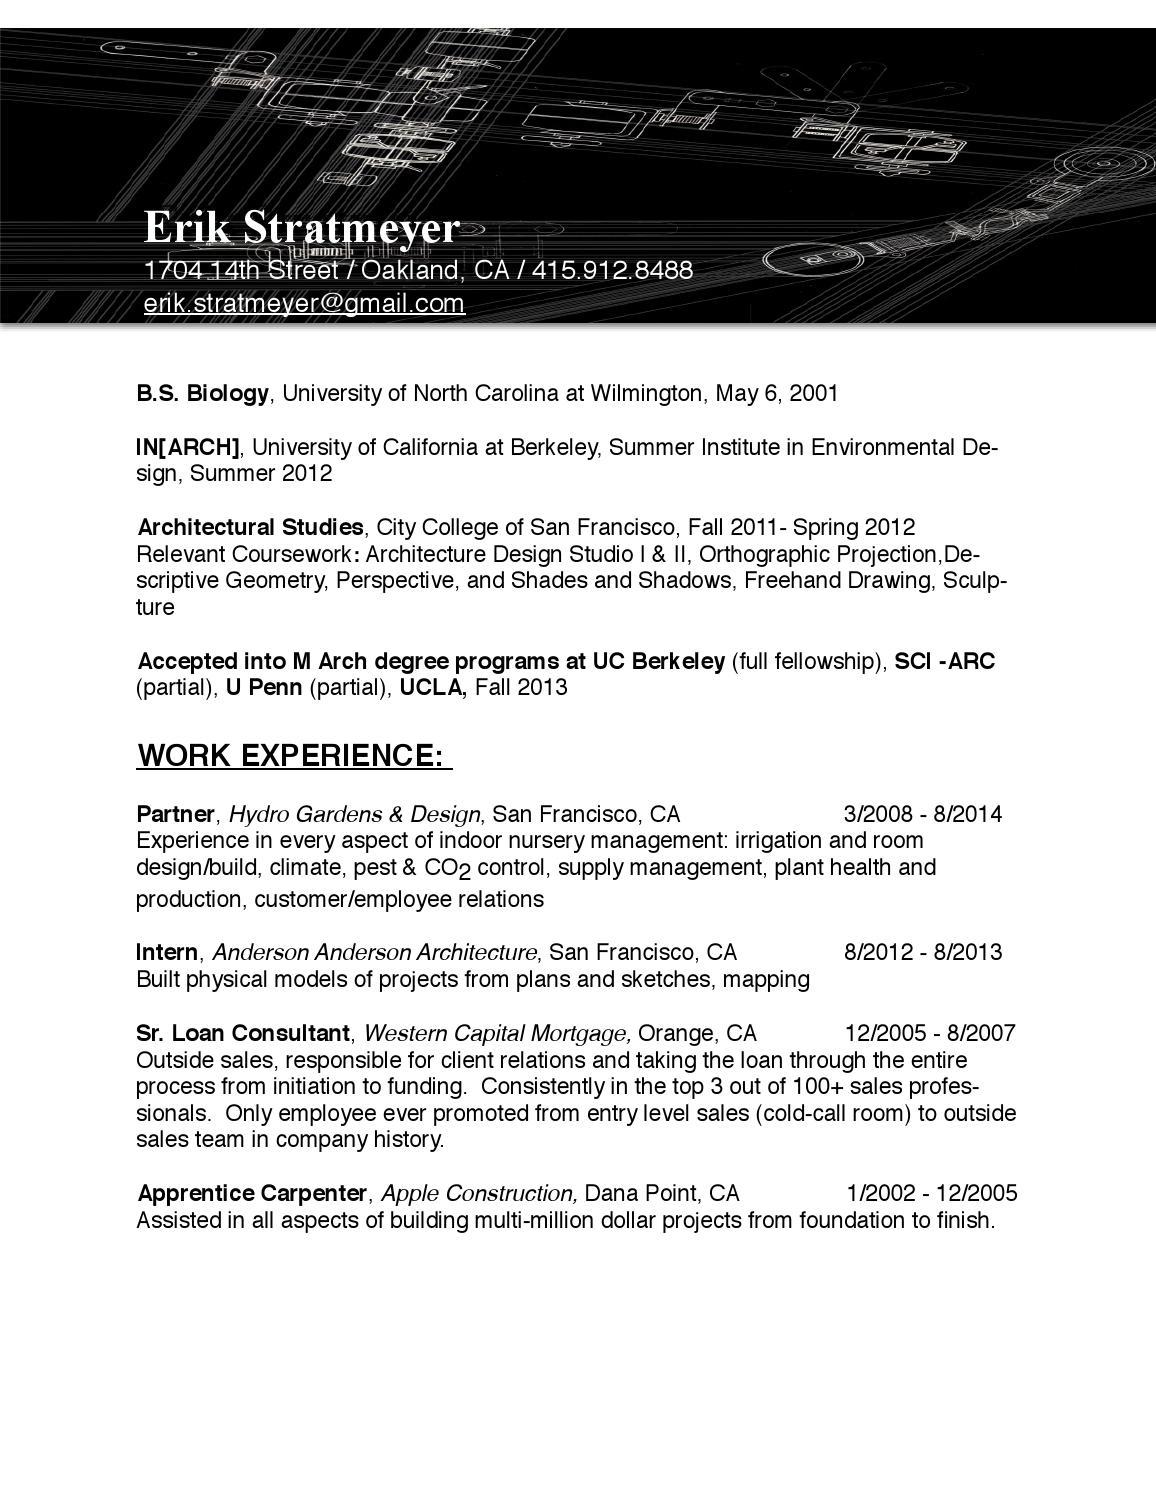 erikstratmeyer resume by erik stratmeyer